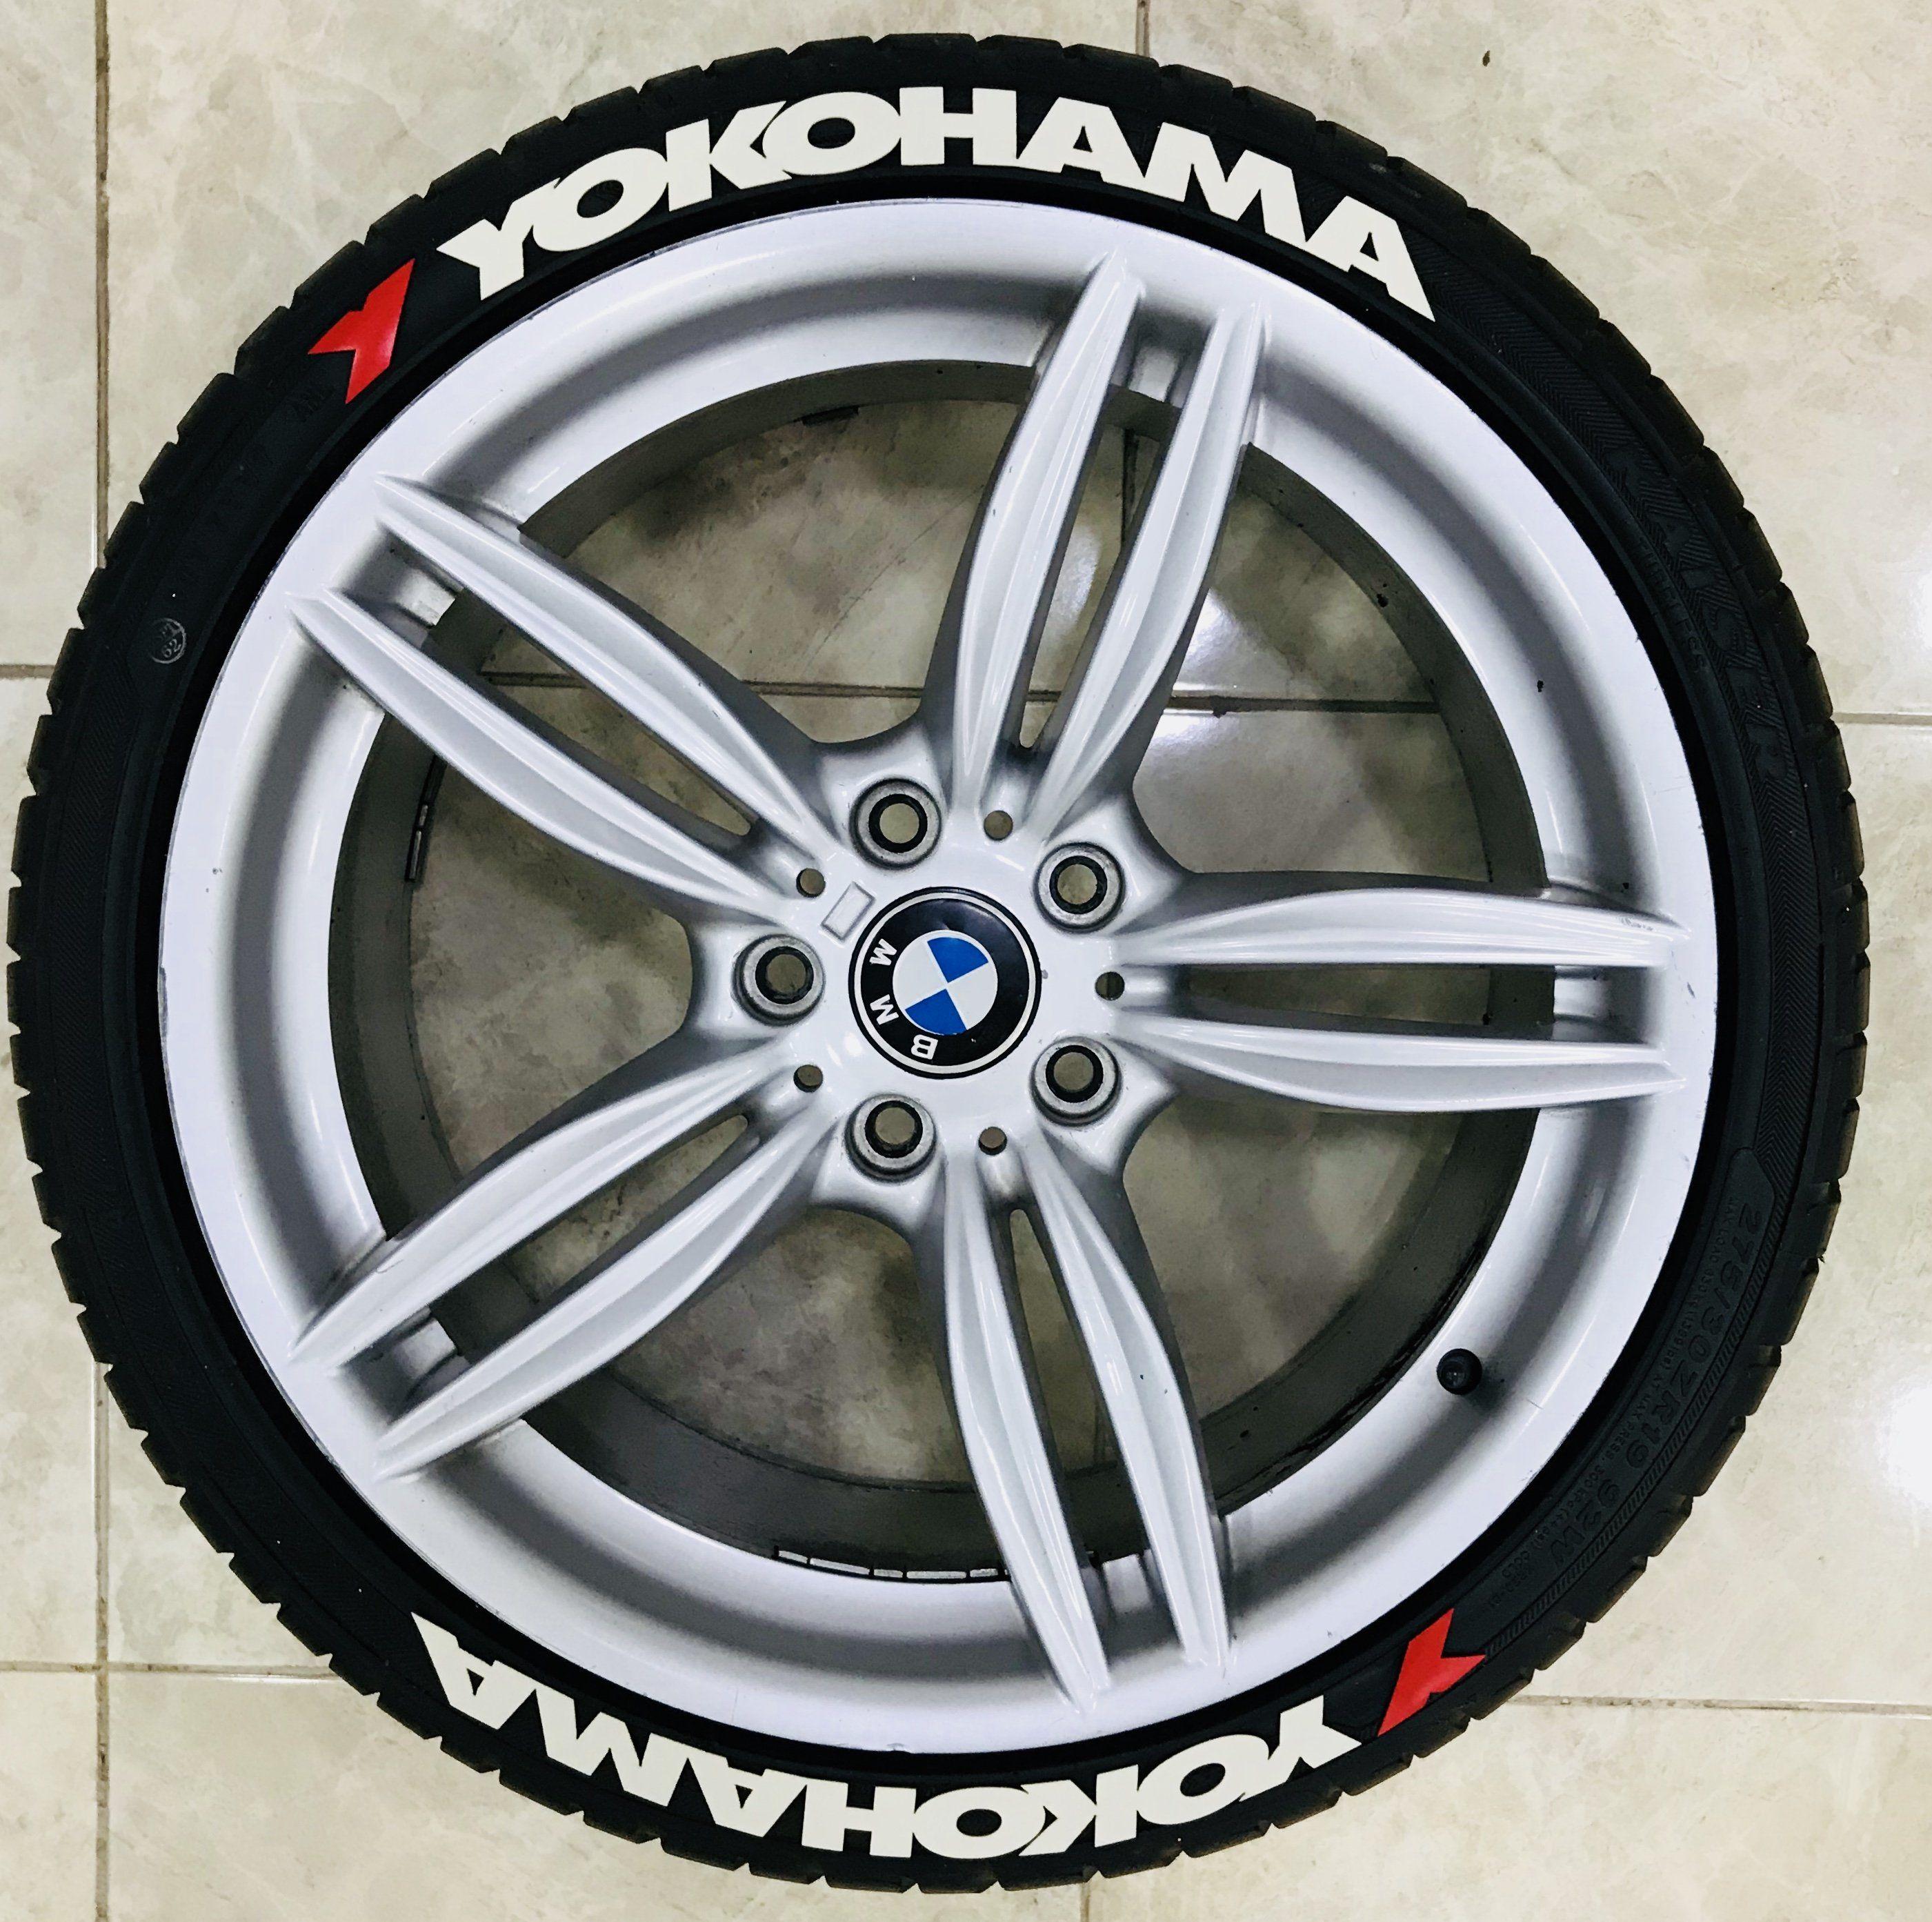 Yokohama Tire Lettering >> 1 Red Yokohama Rubber Permanent Tire Letter 8 Pcs 3d Tire